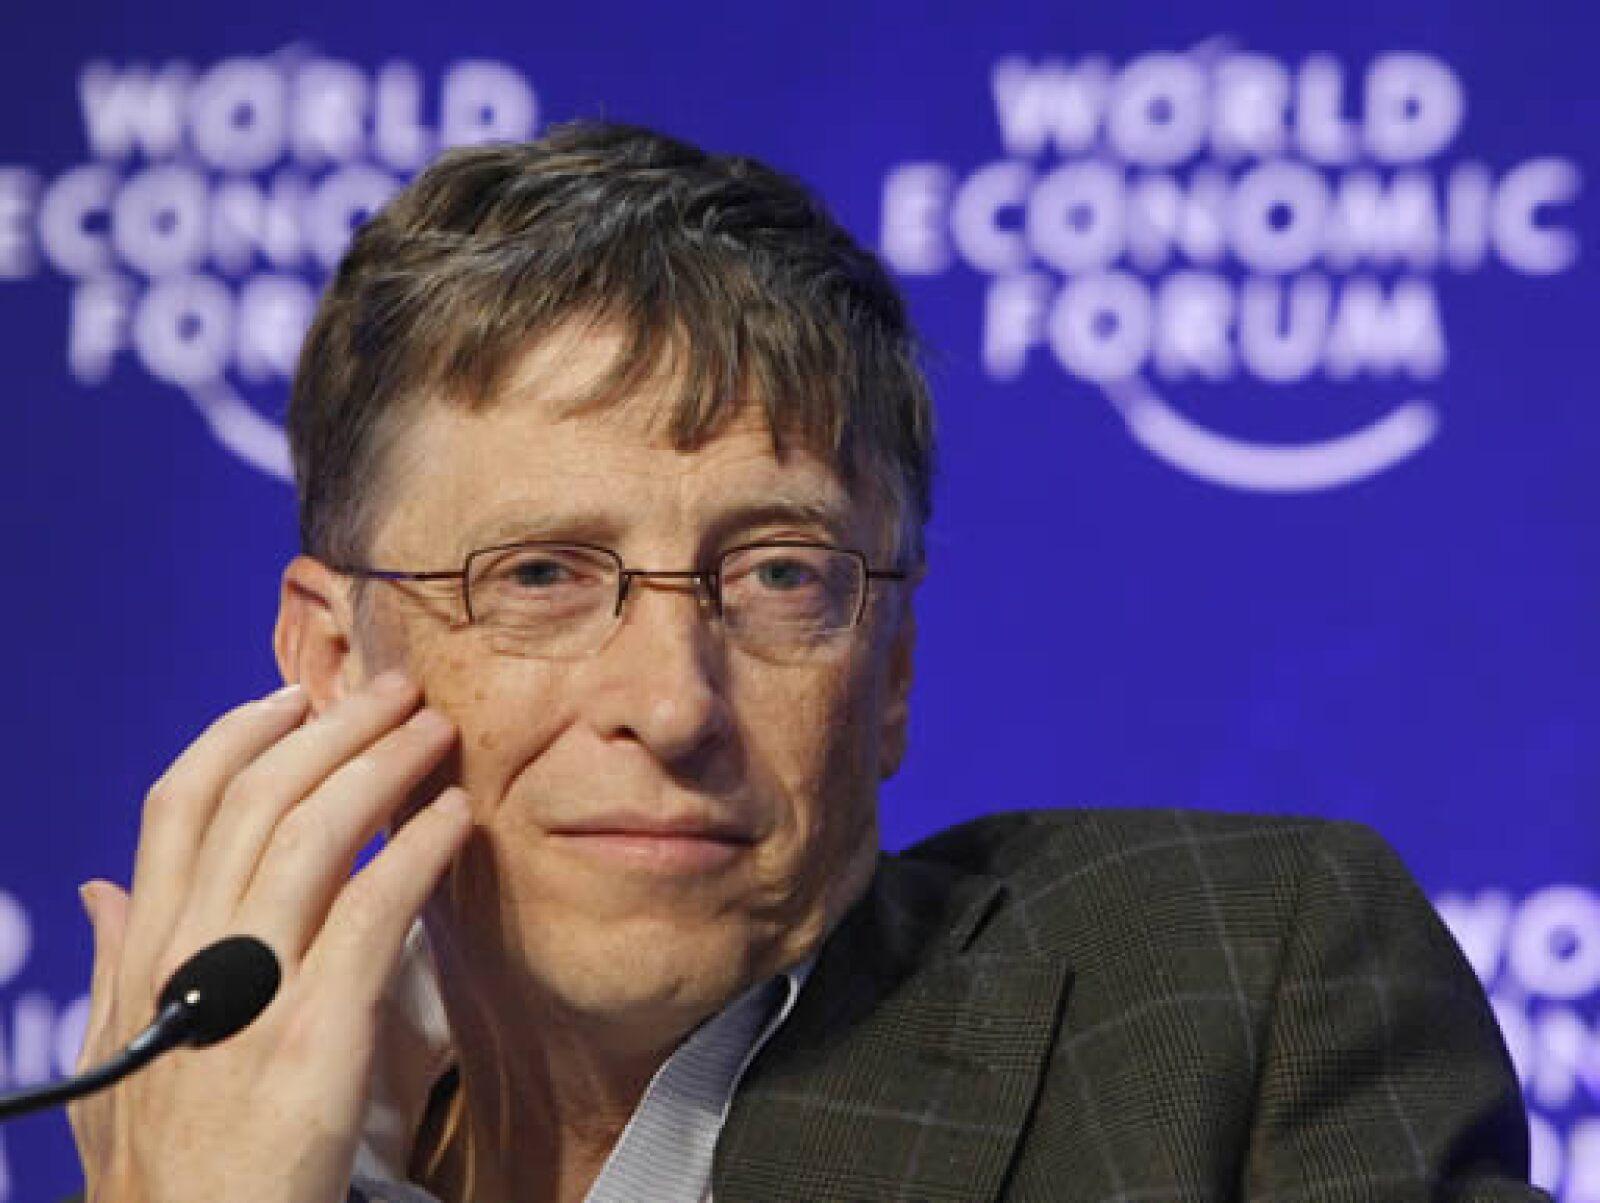 Bill Gates, fundador de Microsof, señaló que la crisis durará al menos cuatro años y que la innovación en ciencia y tecnología podría ayudar al mundo a salir de la recesión económica.